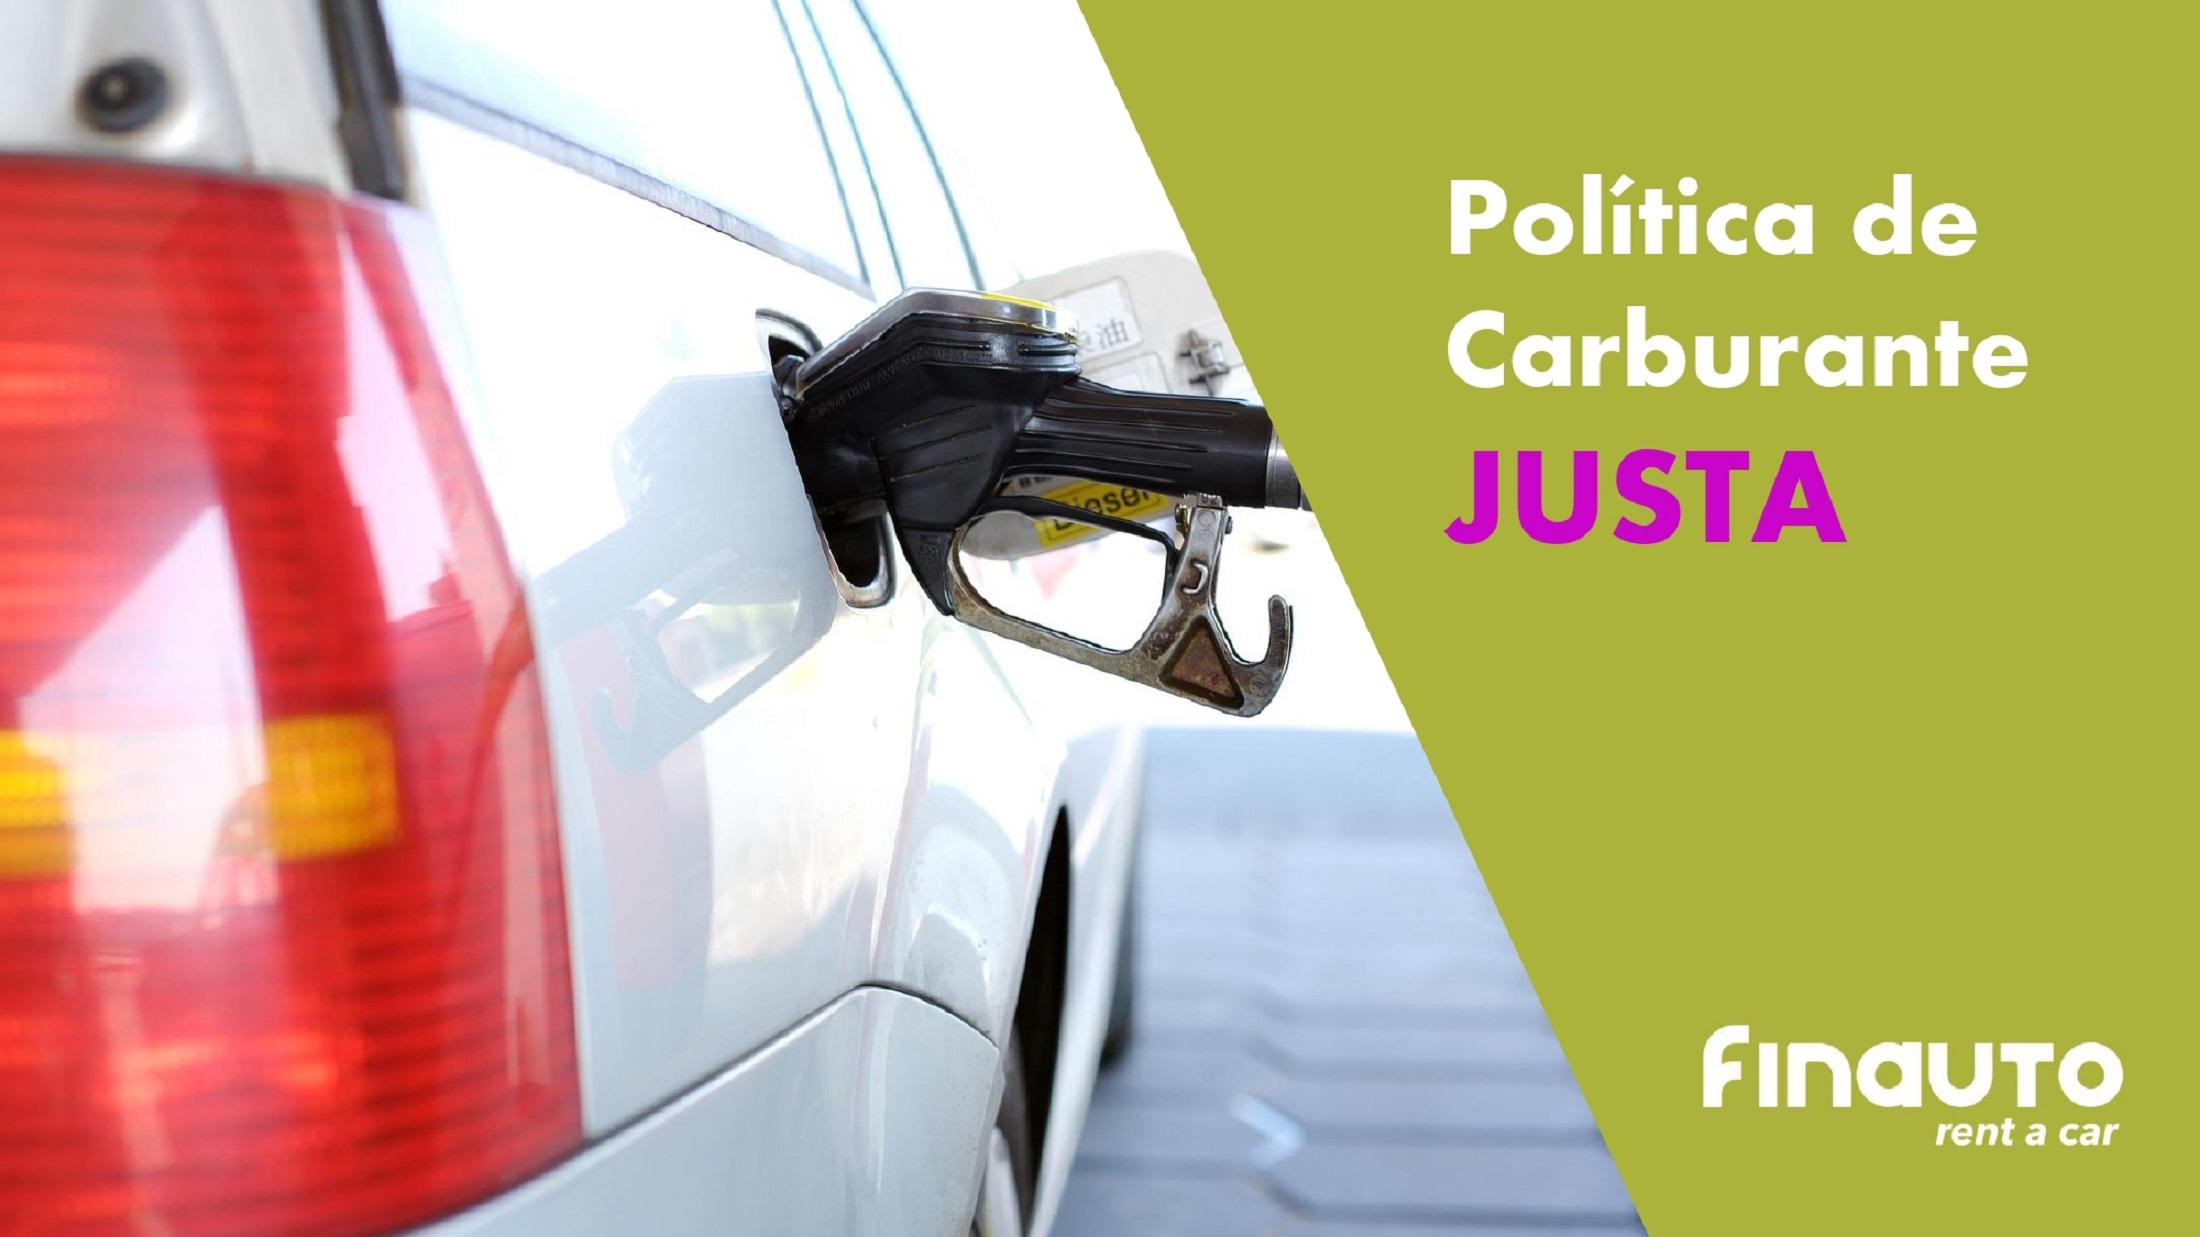 politica de carburante justa